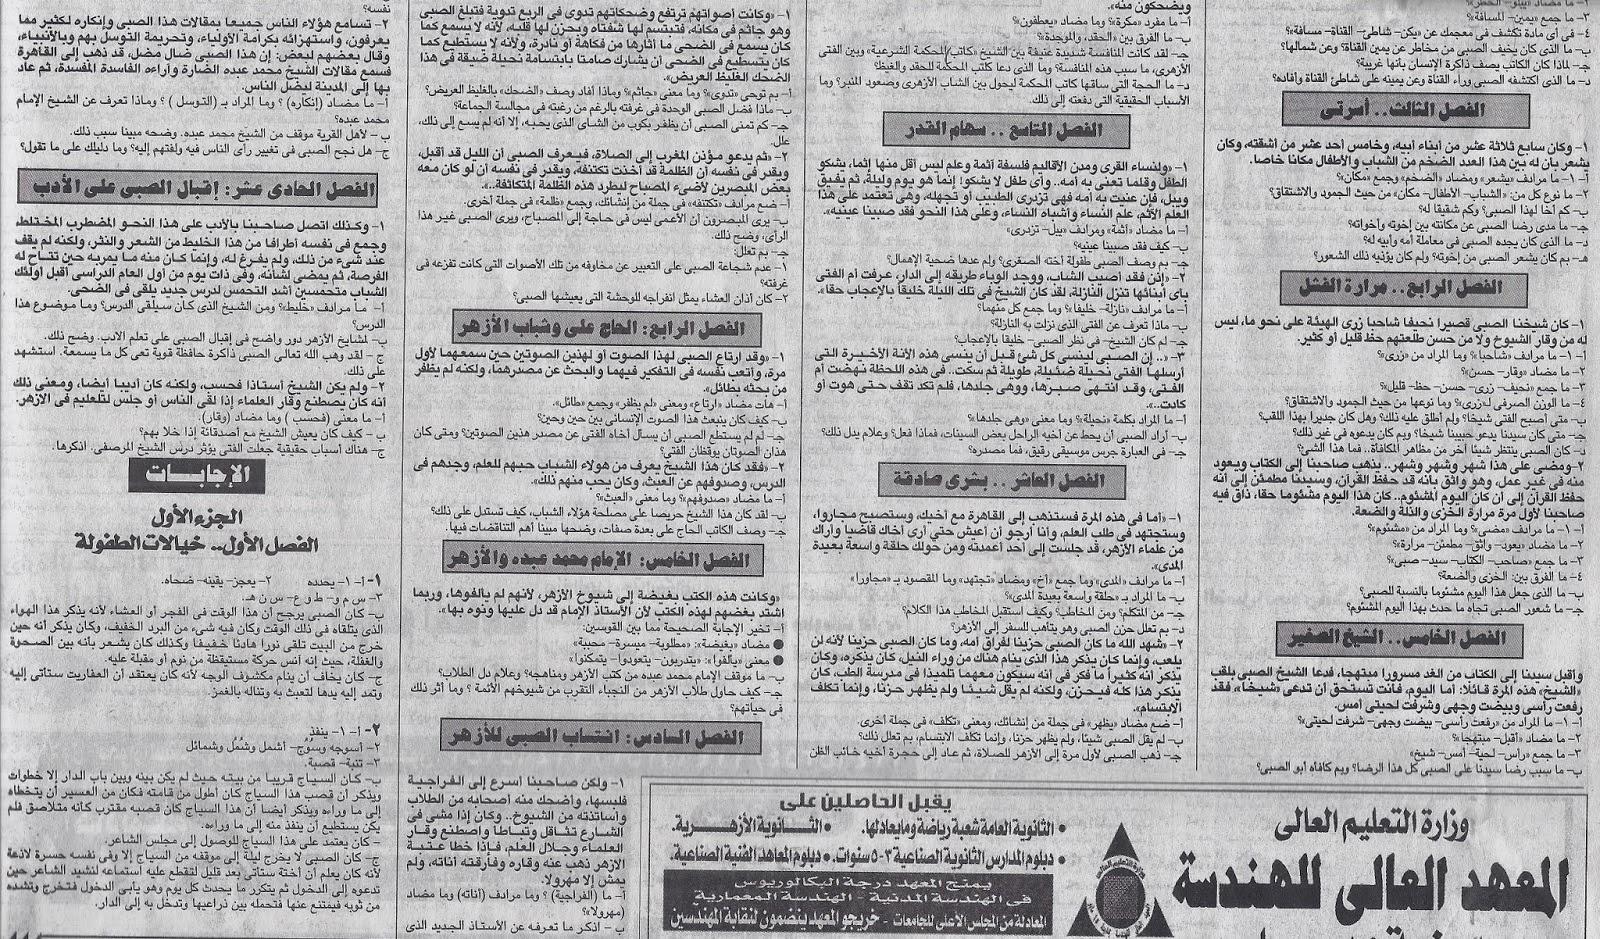 ملحق الجهورية التعليمى 4-2-2014 ينشر اهم نقاط قصة الايام فى ملخص رائع س و ج Talem-eg2